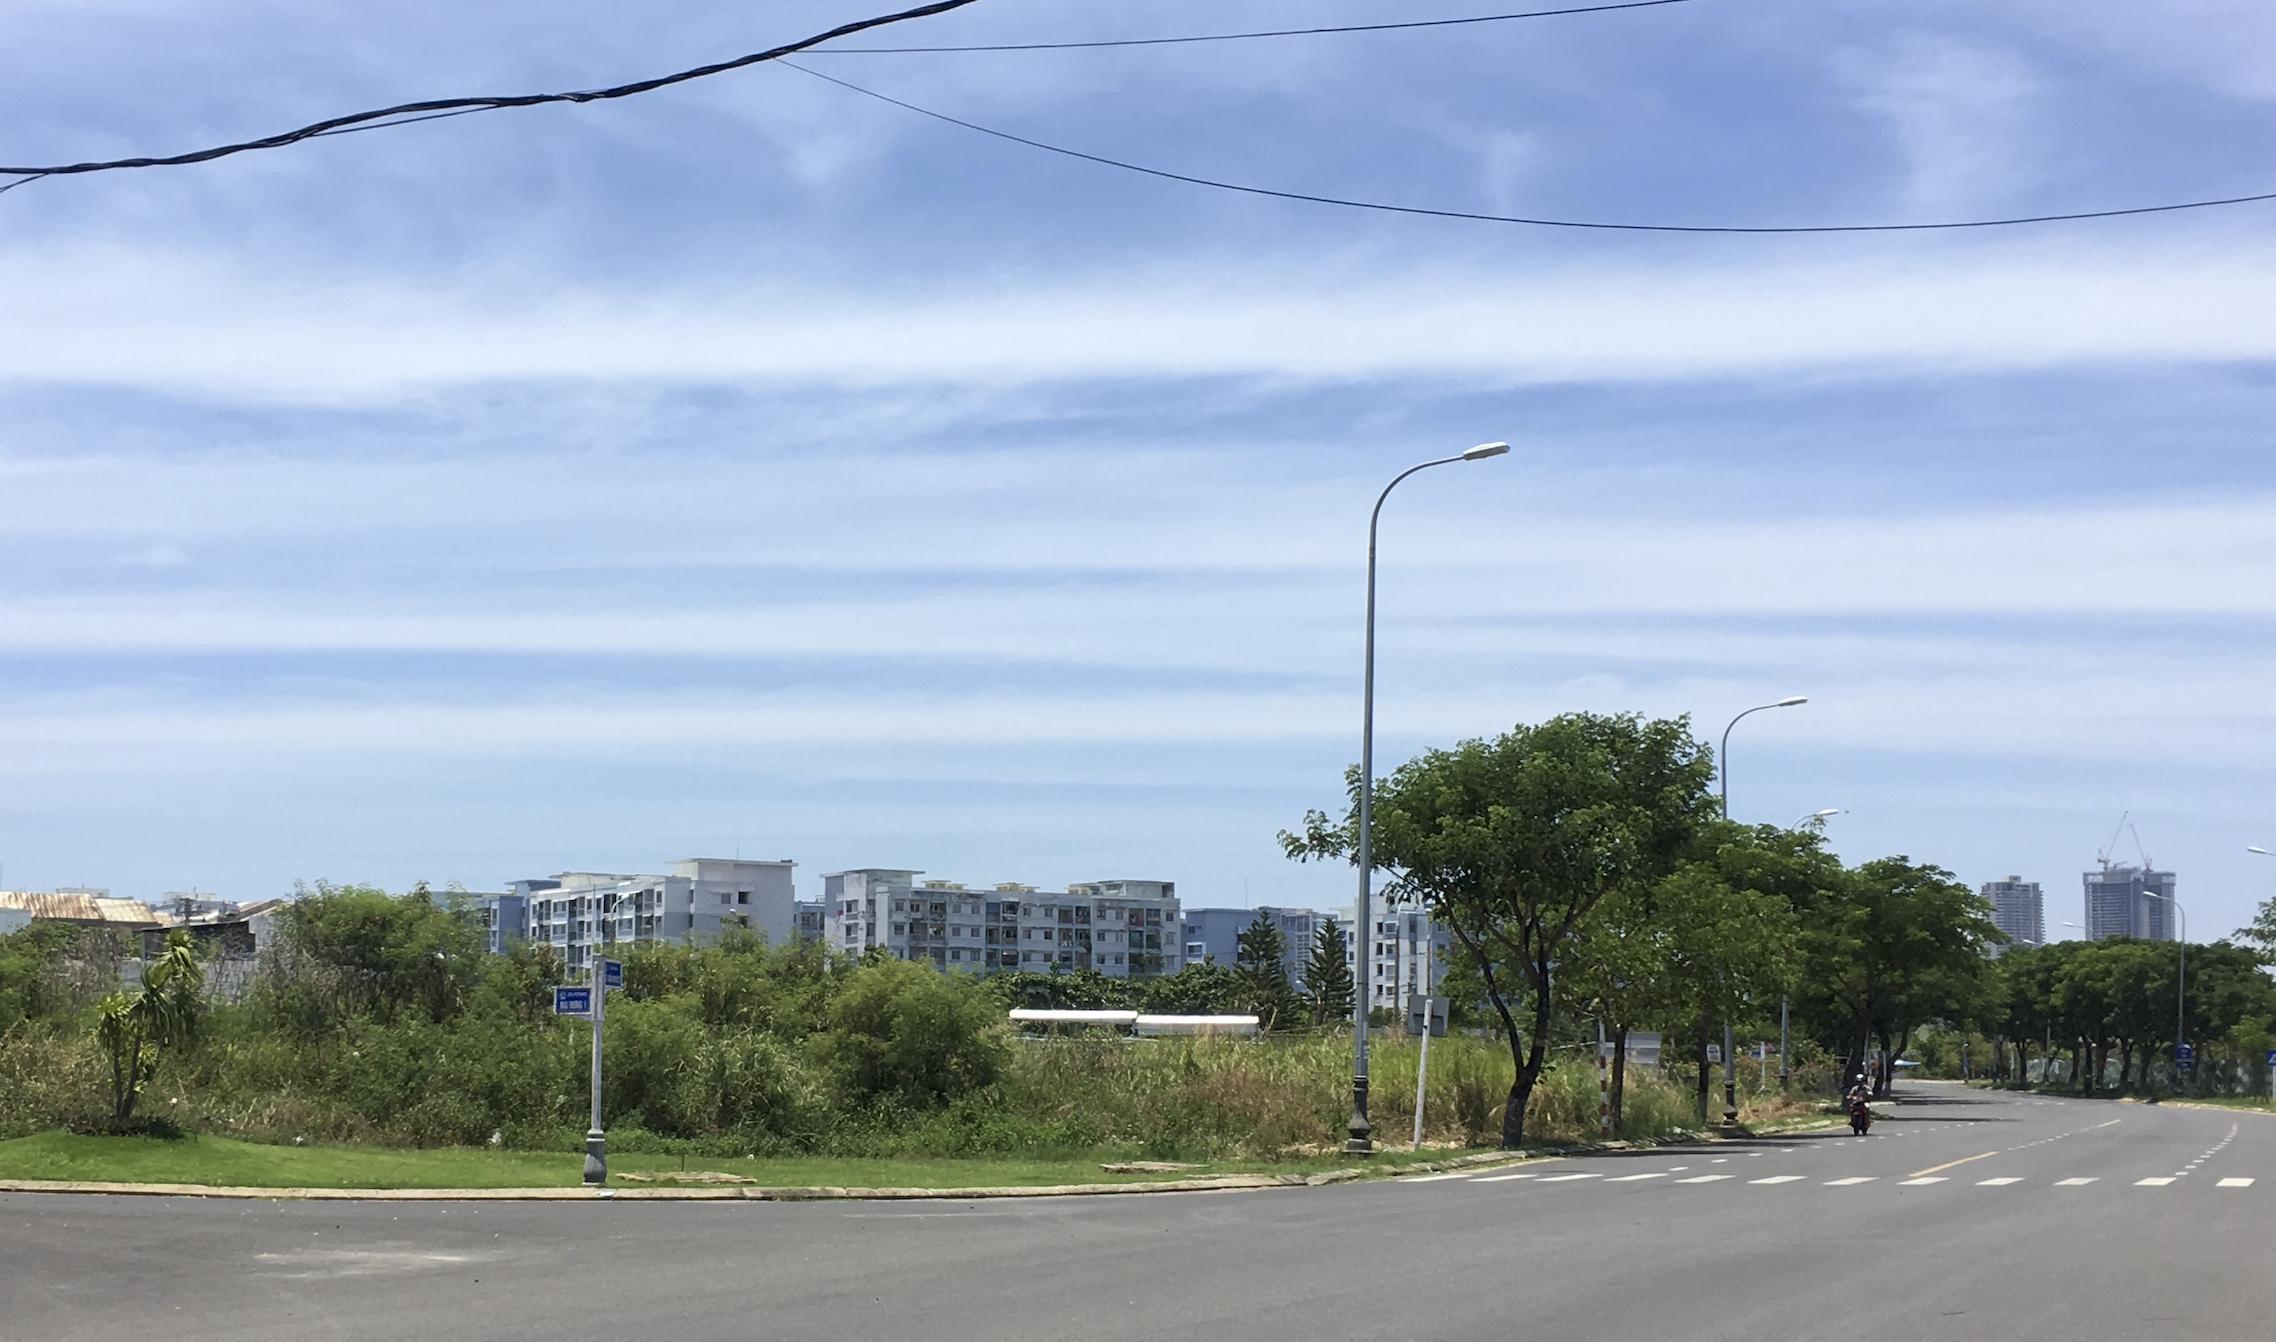 Quận Sơn Trà, Đà Nẵng sắp có gần 1.900 căn hộ cao cấp, riêng Đông Đô hơn 800 căn - Ảnh 2.